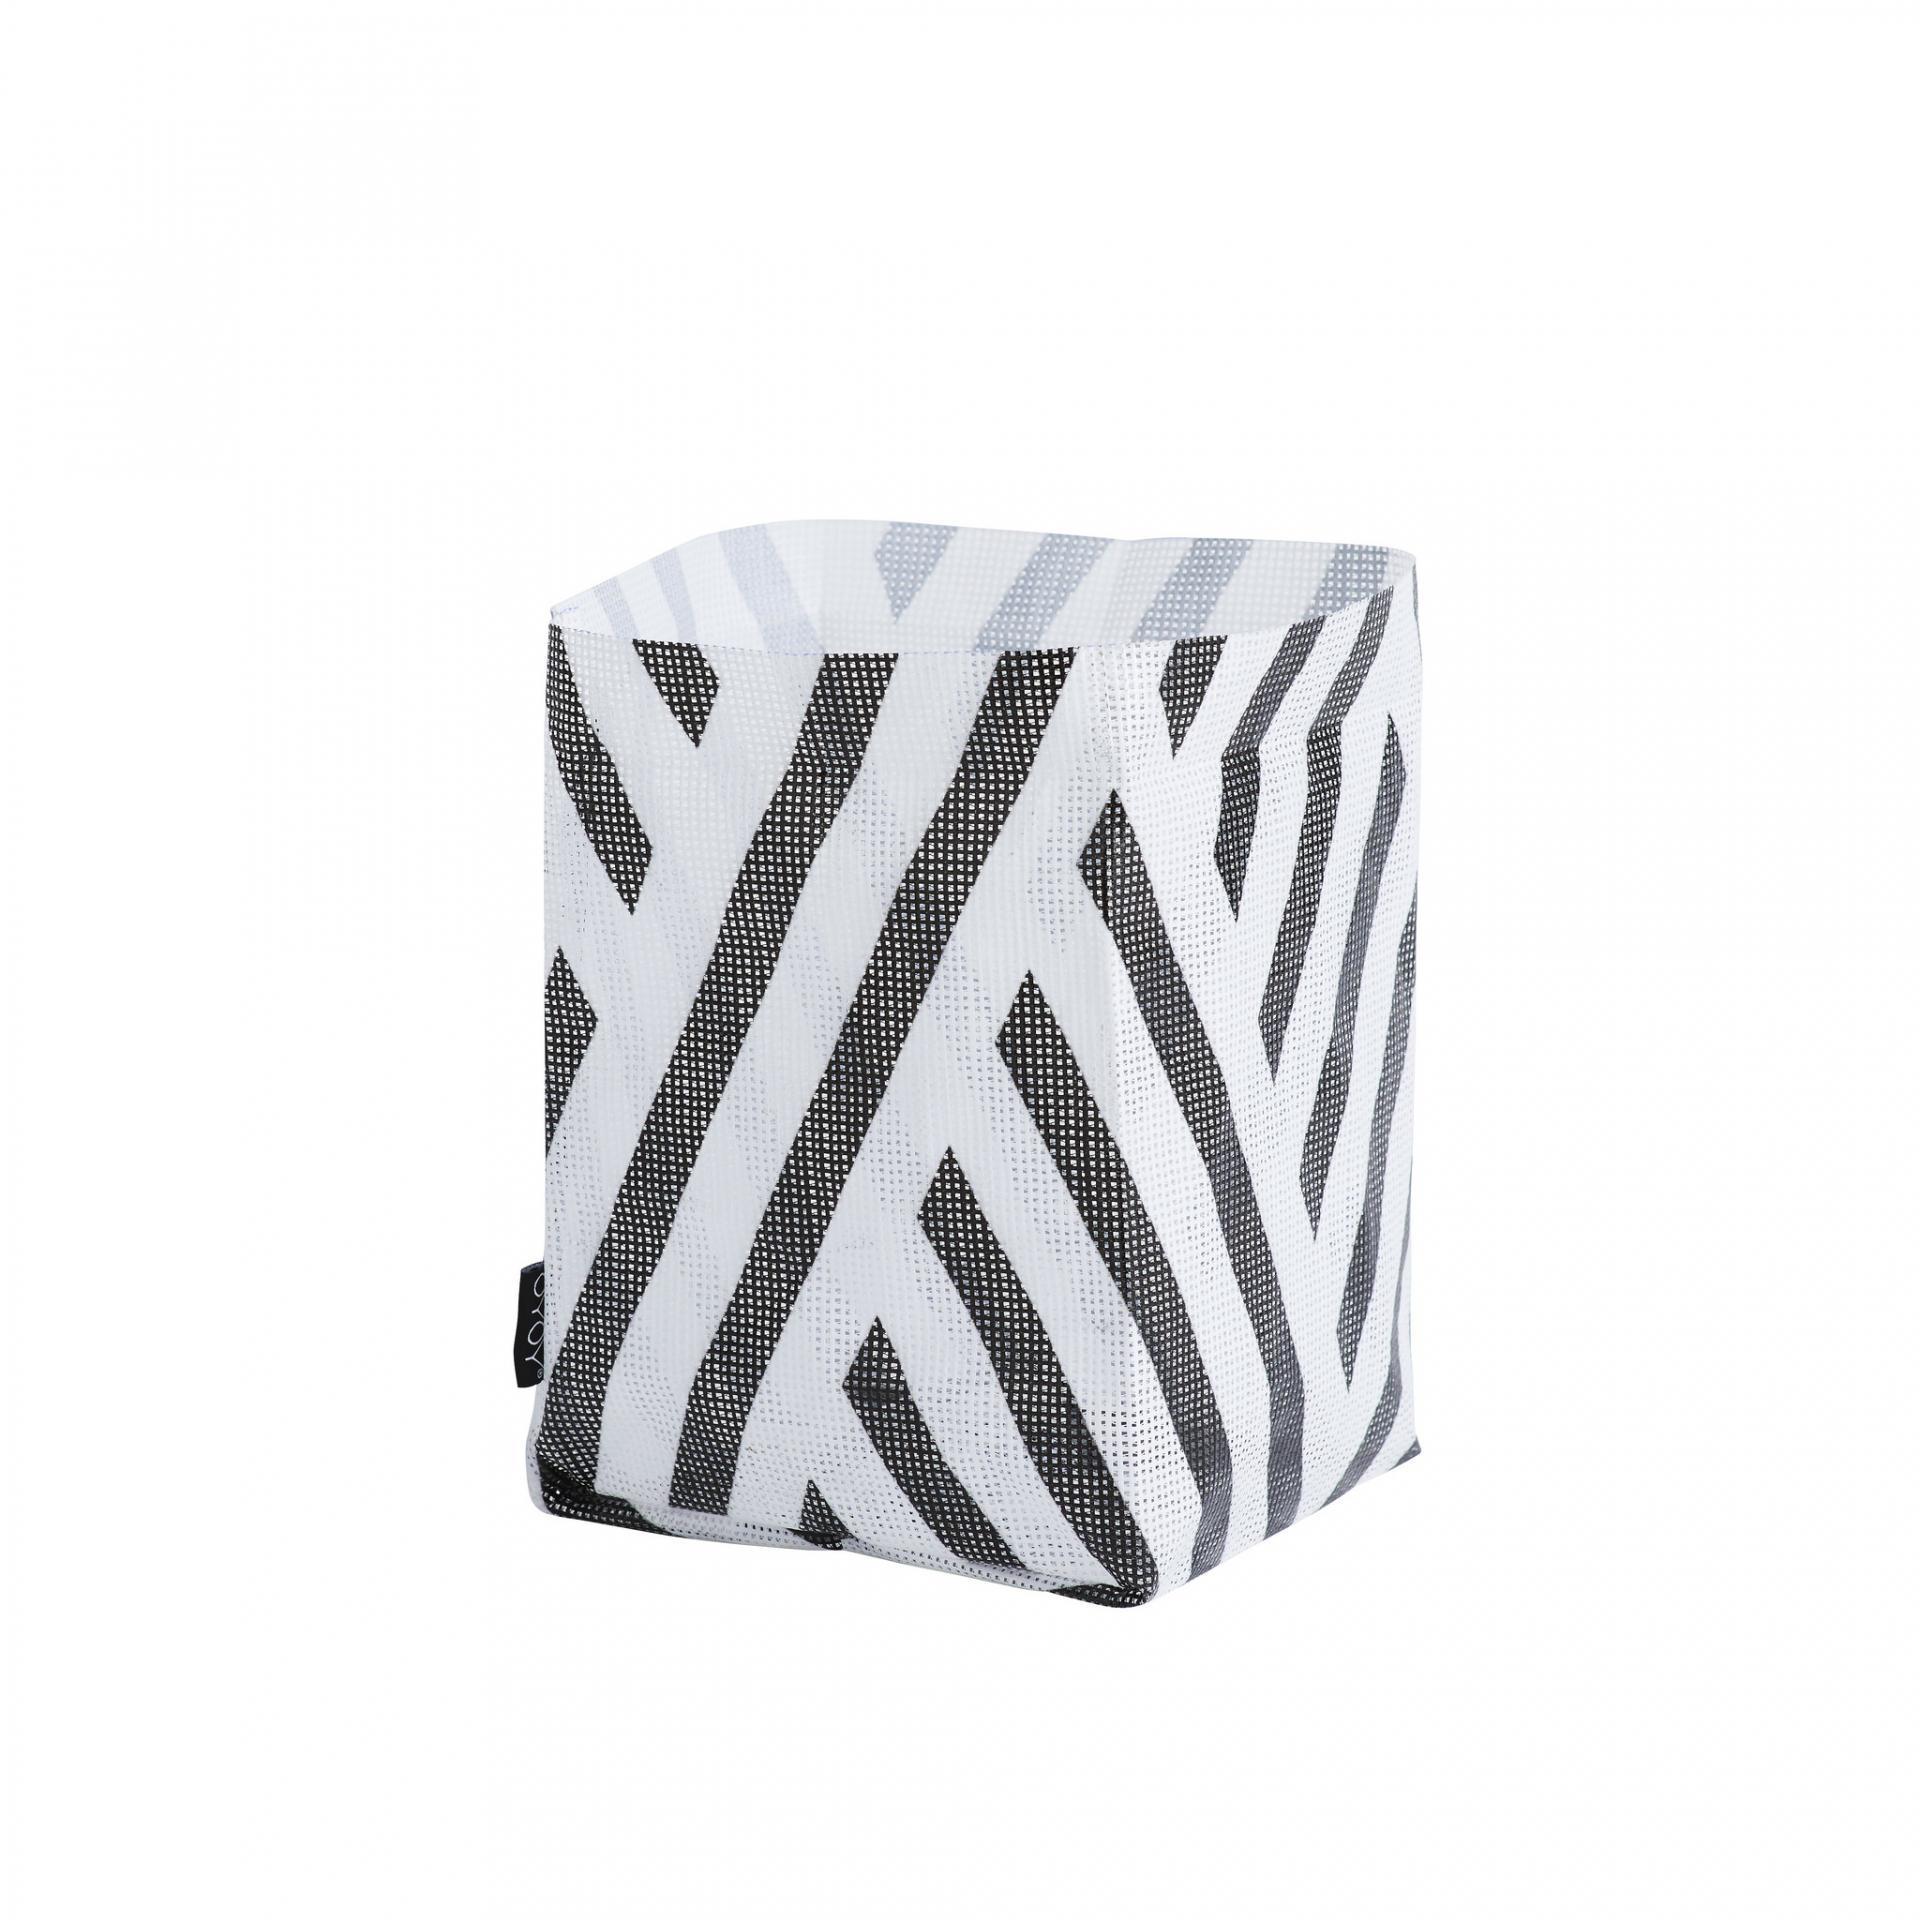 OYOY Úložný plastový košík Hokuspokus Black&White, černá barva, bílá barva, plast